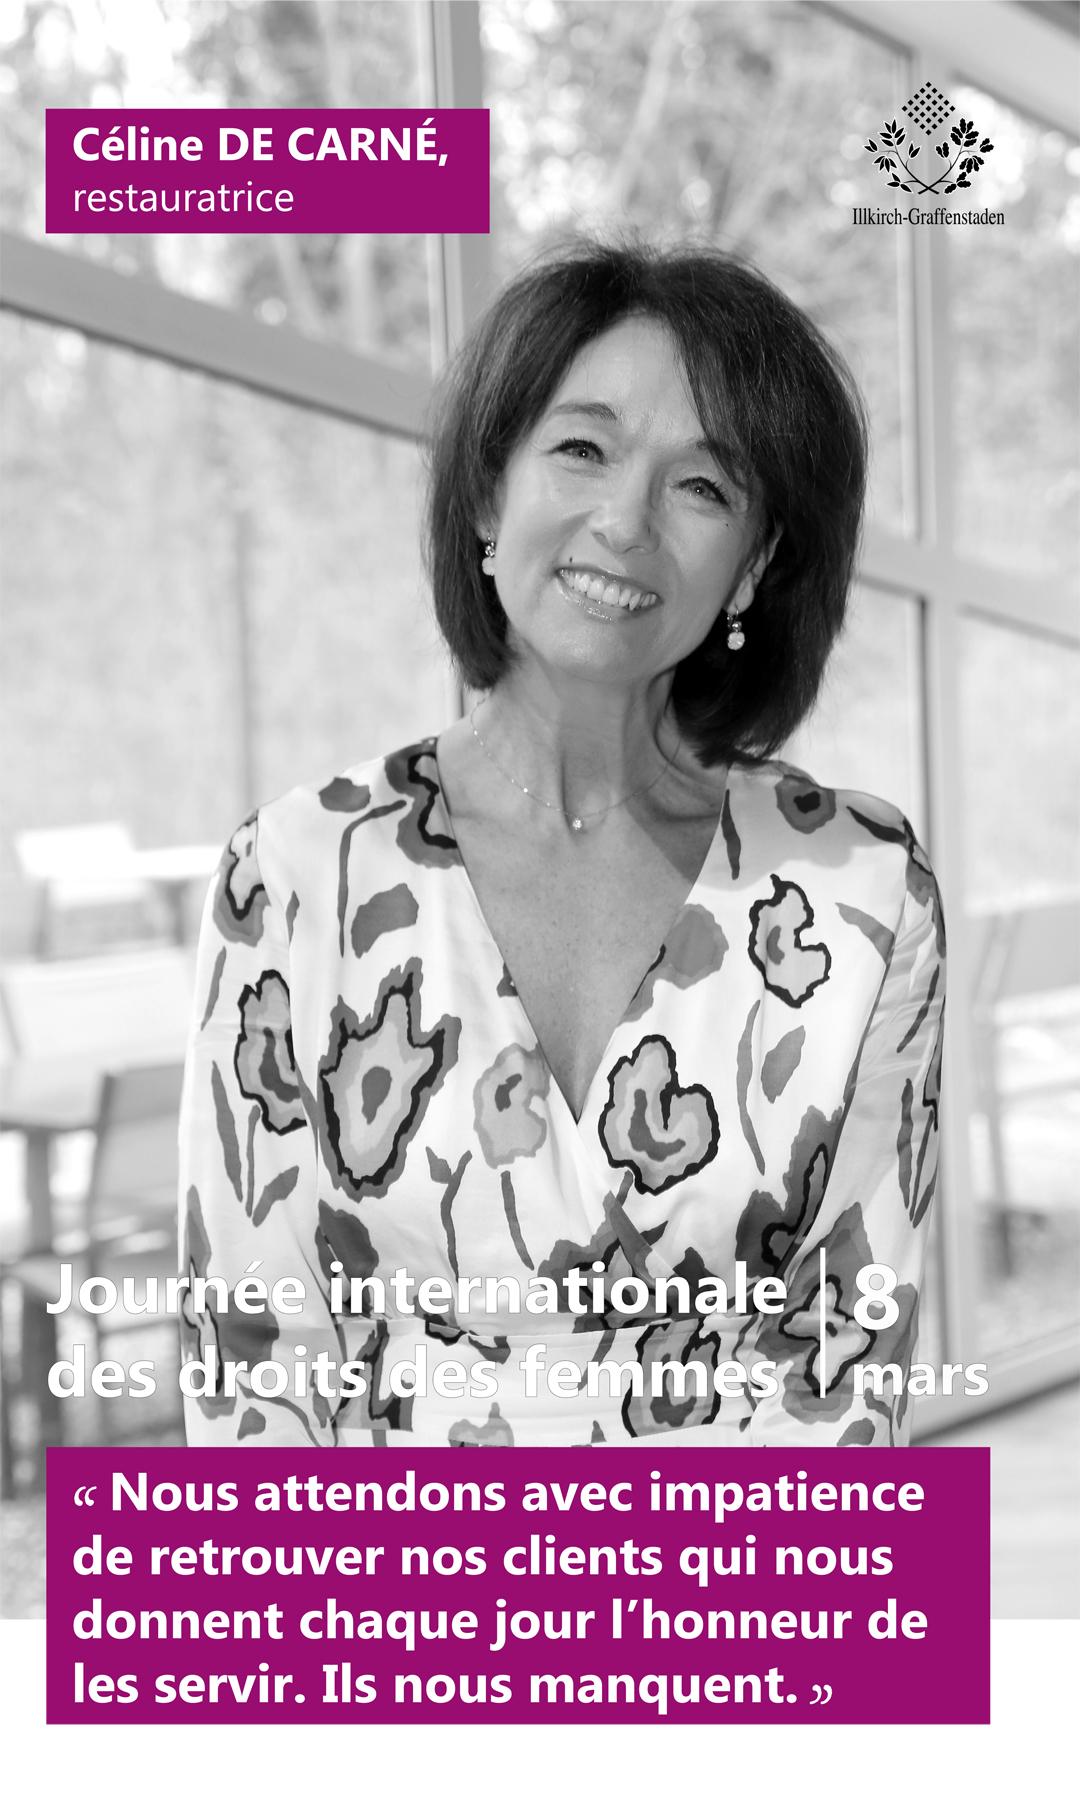 Céline de Carné - Journée internationale des droits des femmes